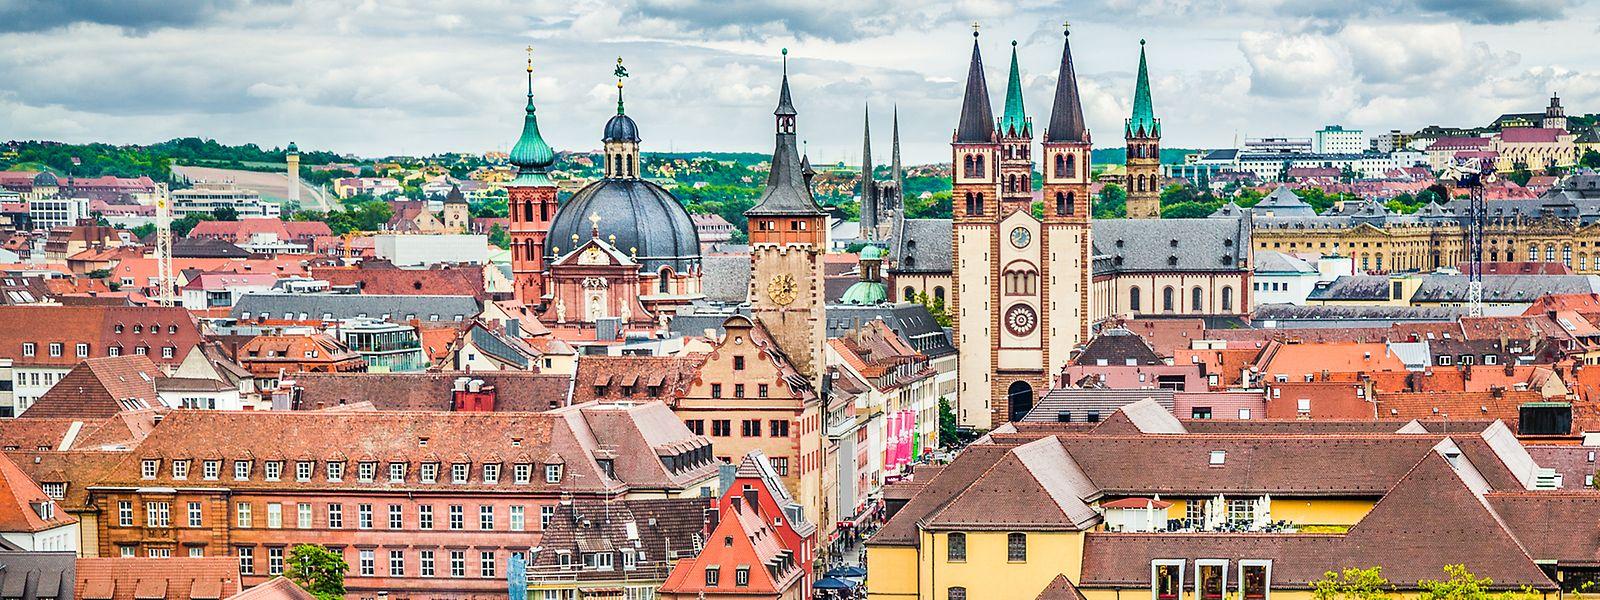 Blick auf Würzburg: Die knapp 130.000 Einwohner zählende Universitätsstadt im Nordwesten Bayerns wurde zwar durch einen Bombenangriff während des Zweiten Weltkriegs größtenteils zerstört, erstrahlt mittlerweile aber wieder in neuem Glanz.